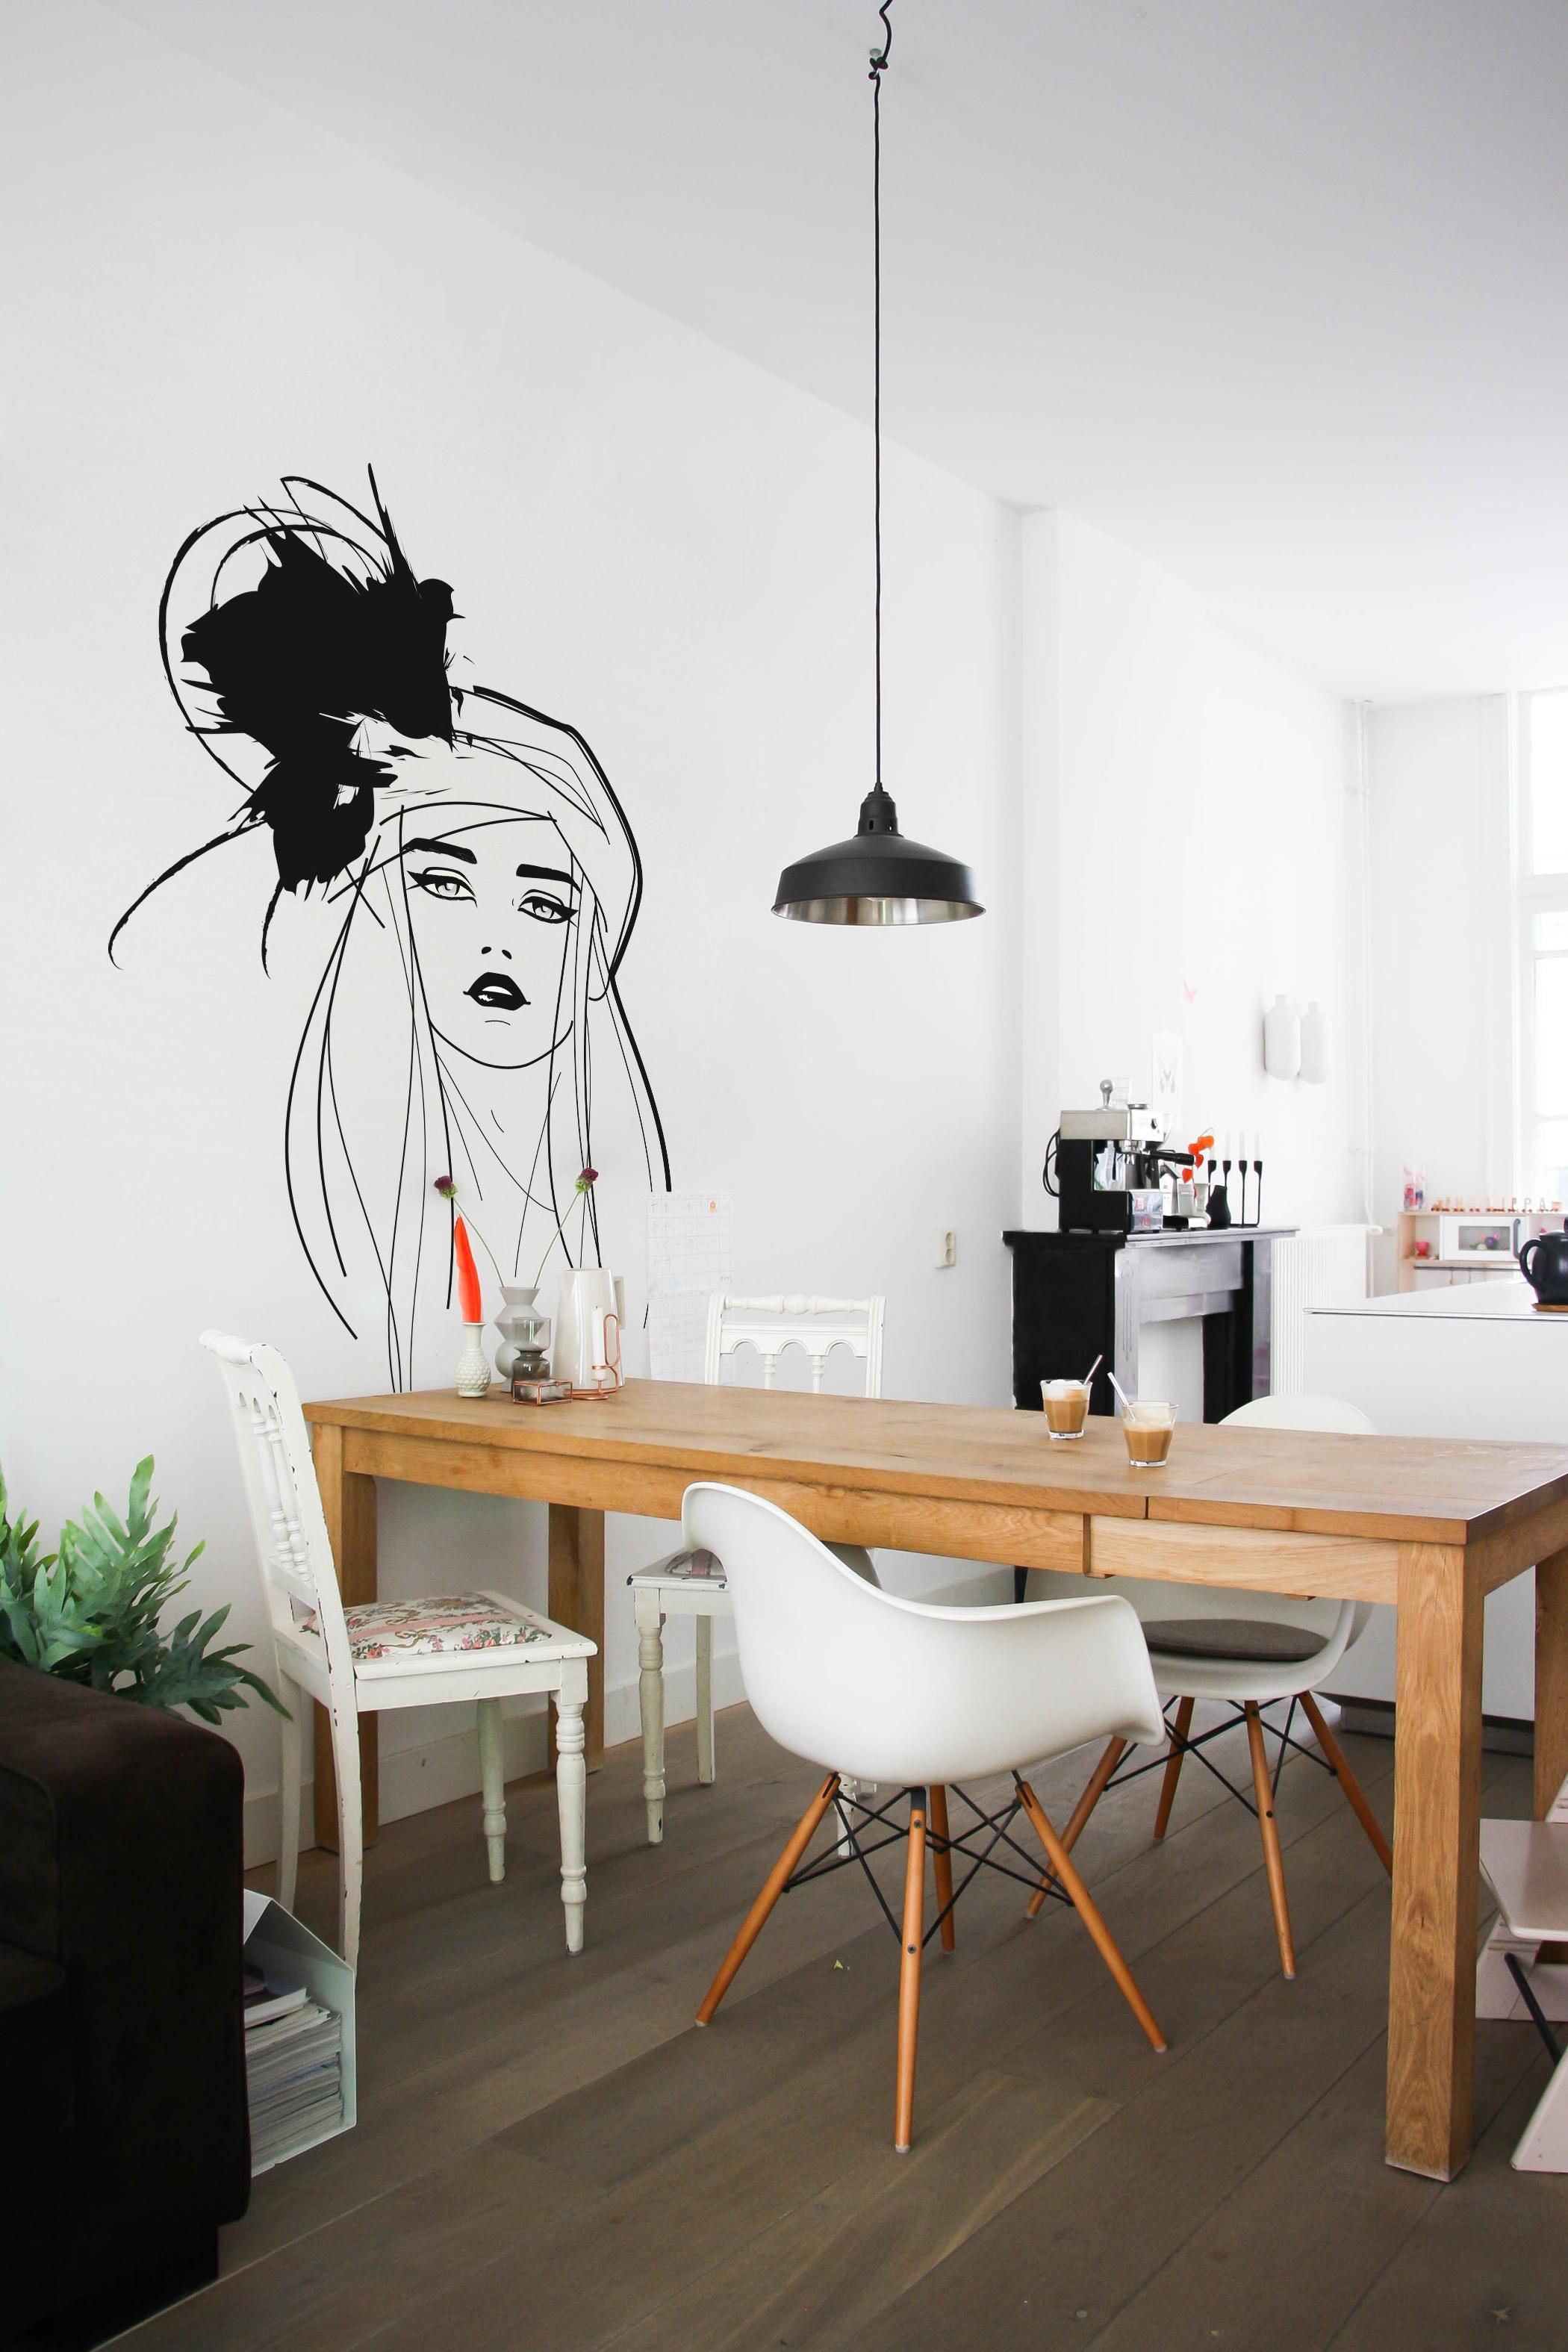 Stilmix Im Esszimmer #stilmix #wandtattoo #hängeleuchte #weißerstuhl #tisch  #schwarzehängeleuchte ©